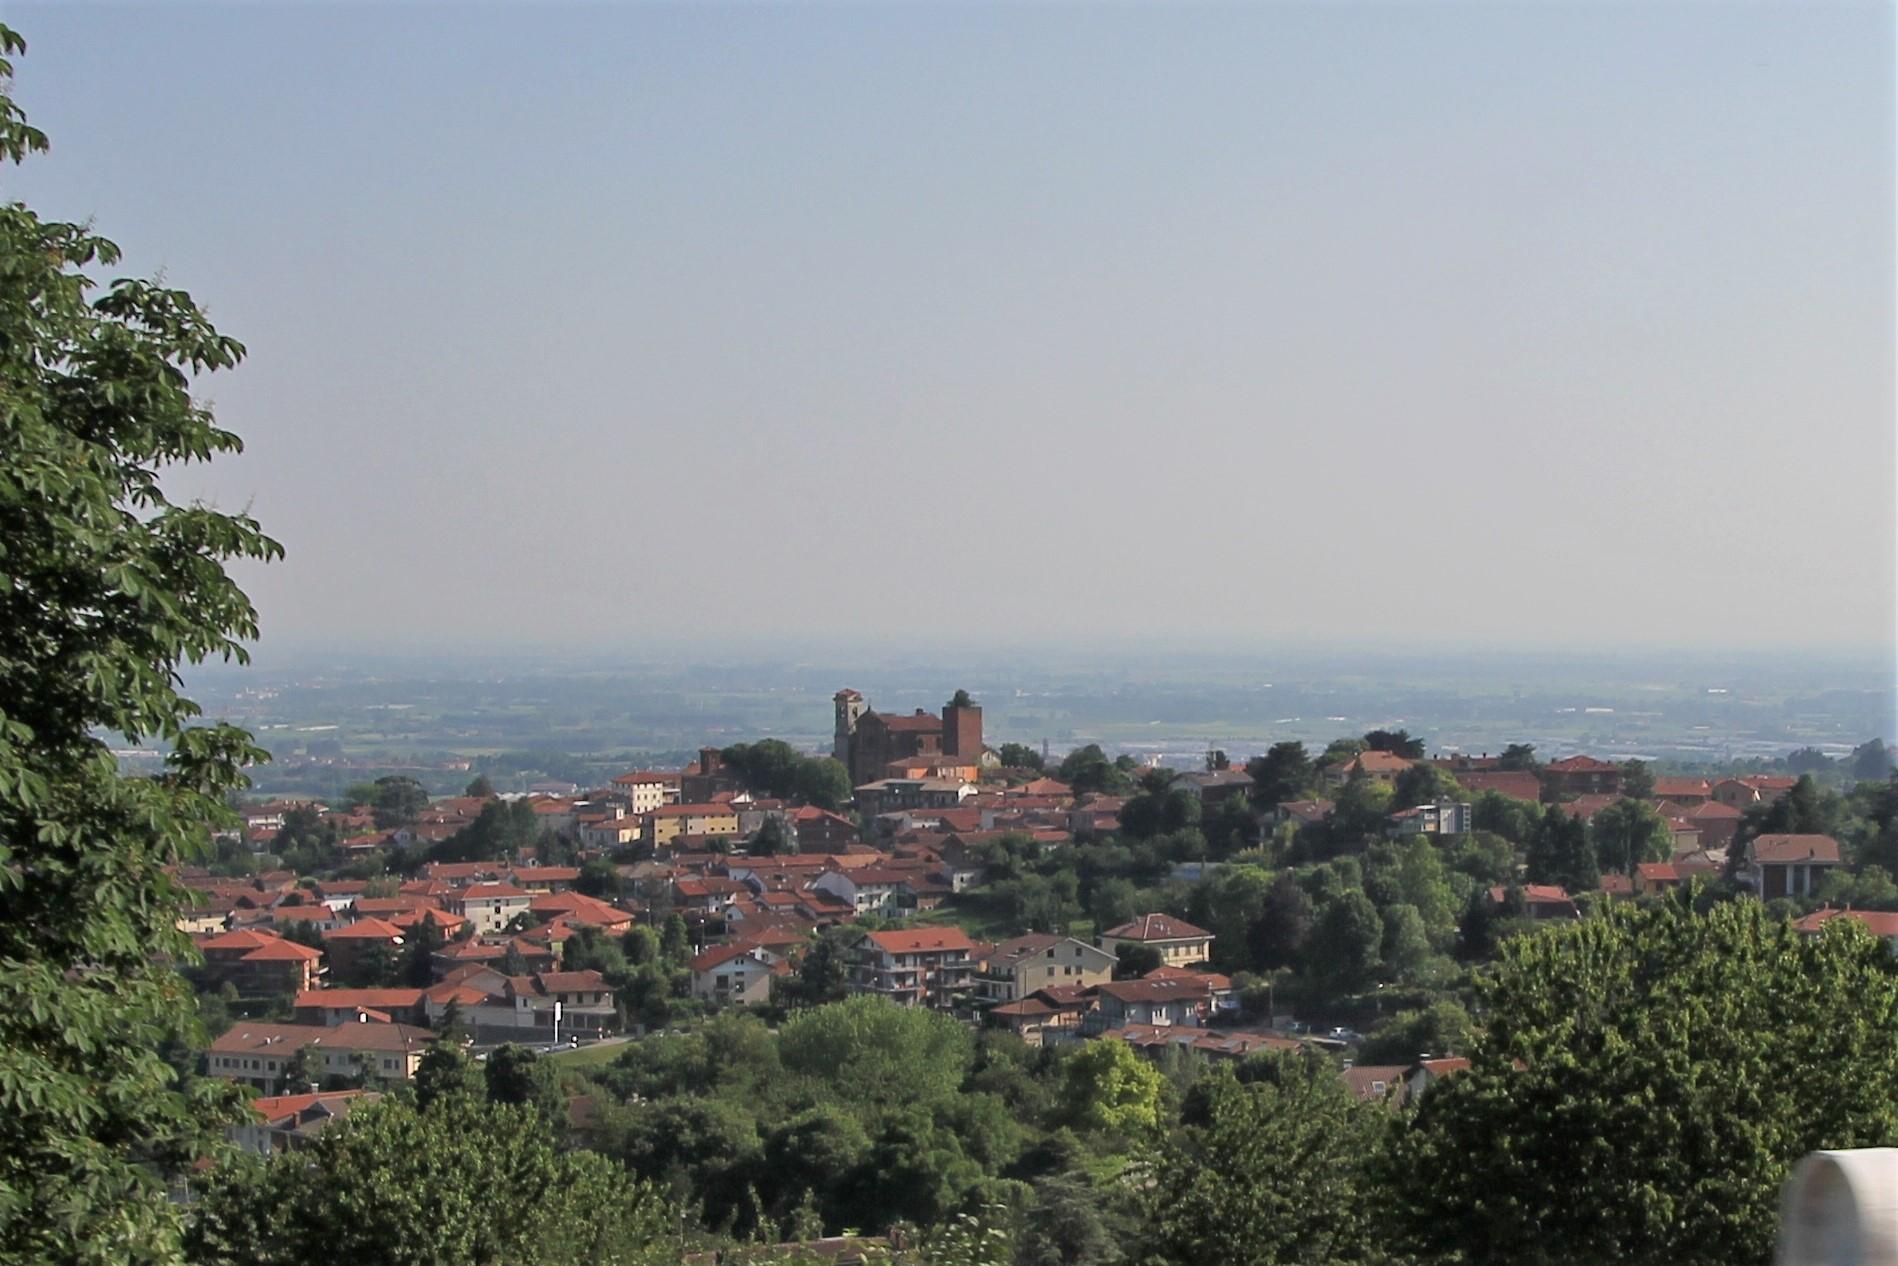 Comune Di Pecetto Torinese pecetto torinese - wikipedia